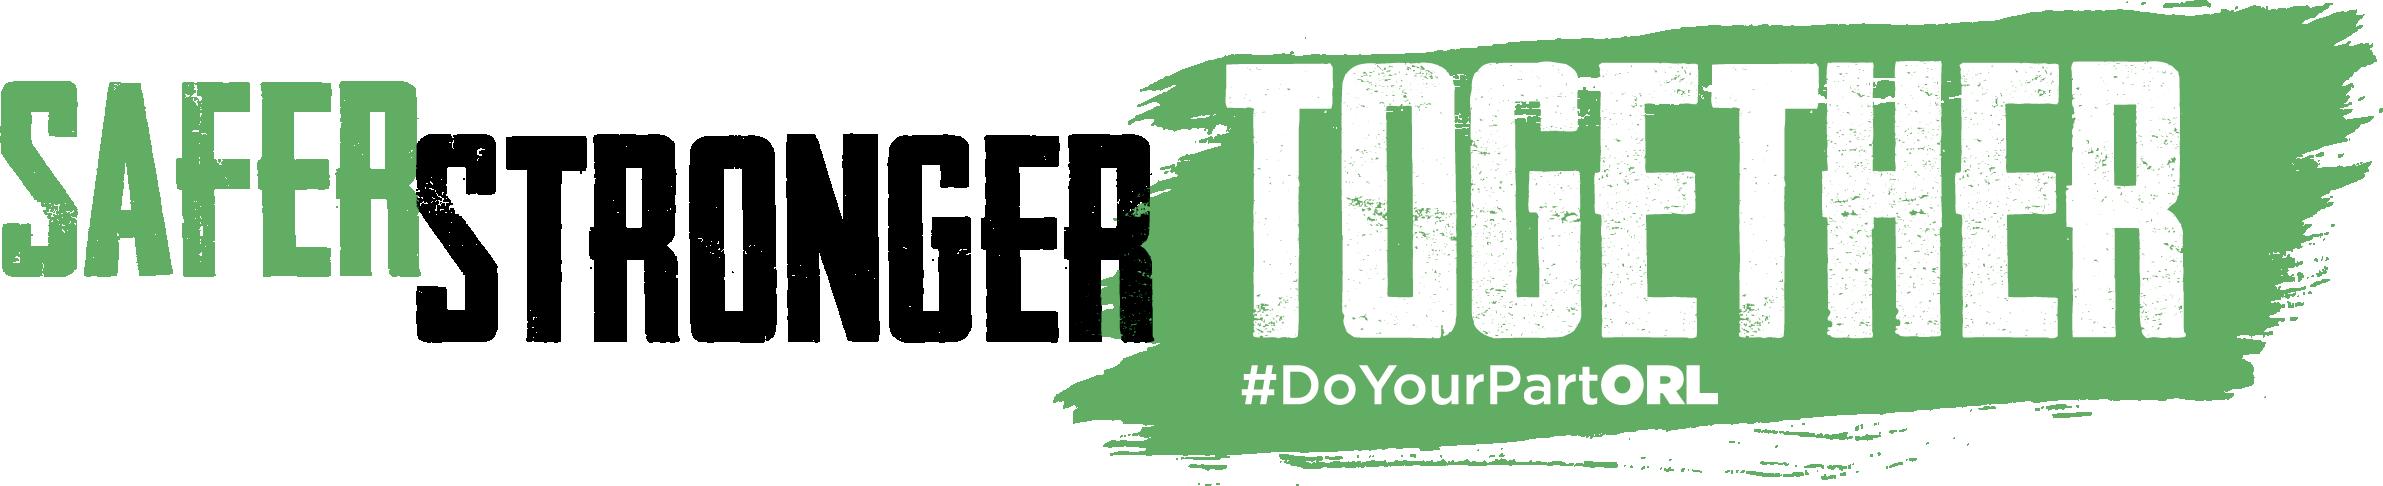 Safer, Stronger, Together Logo #DoYourPartORL